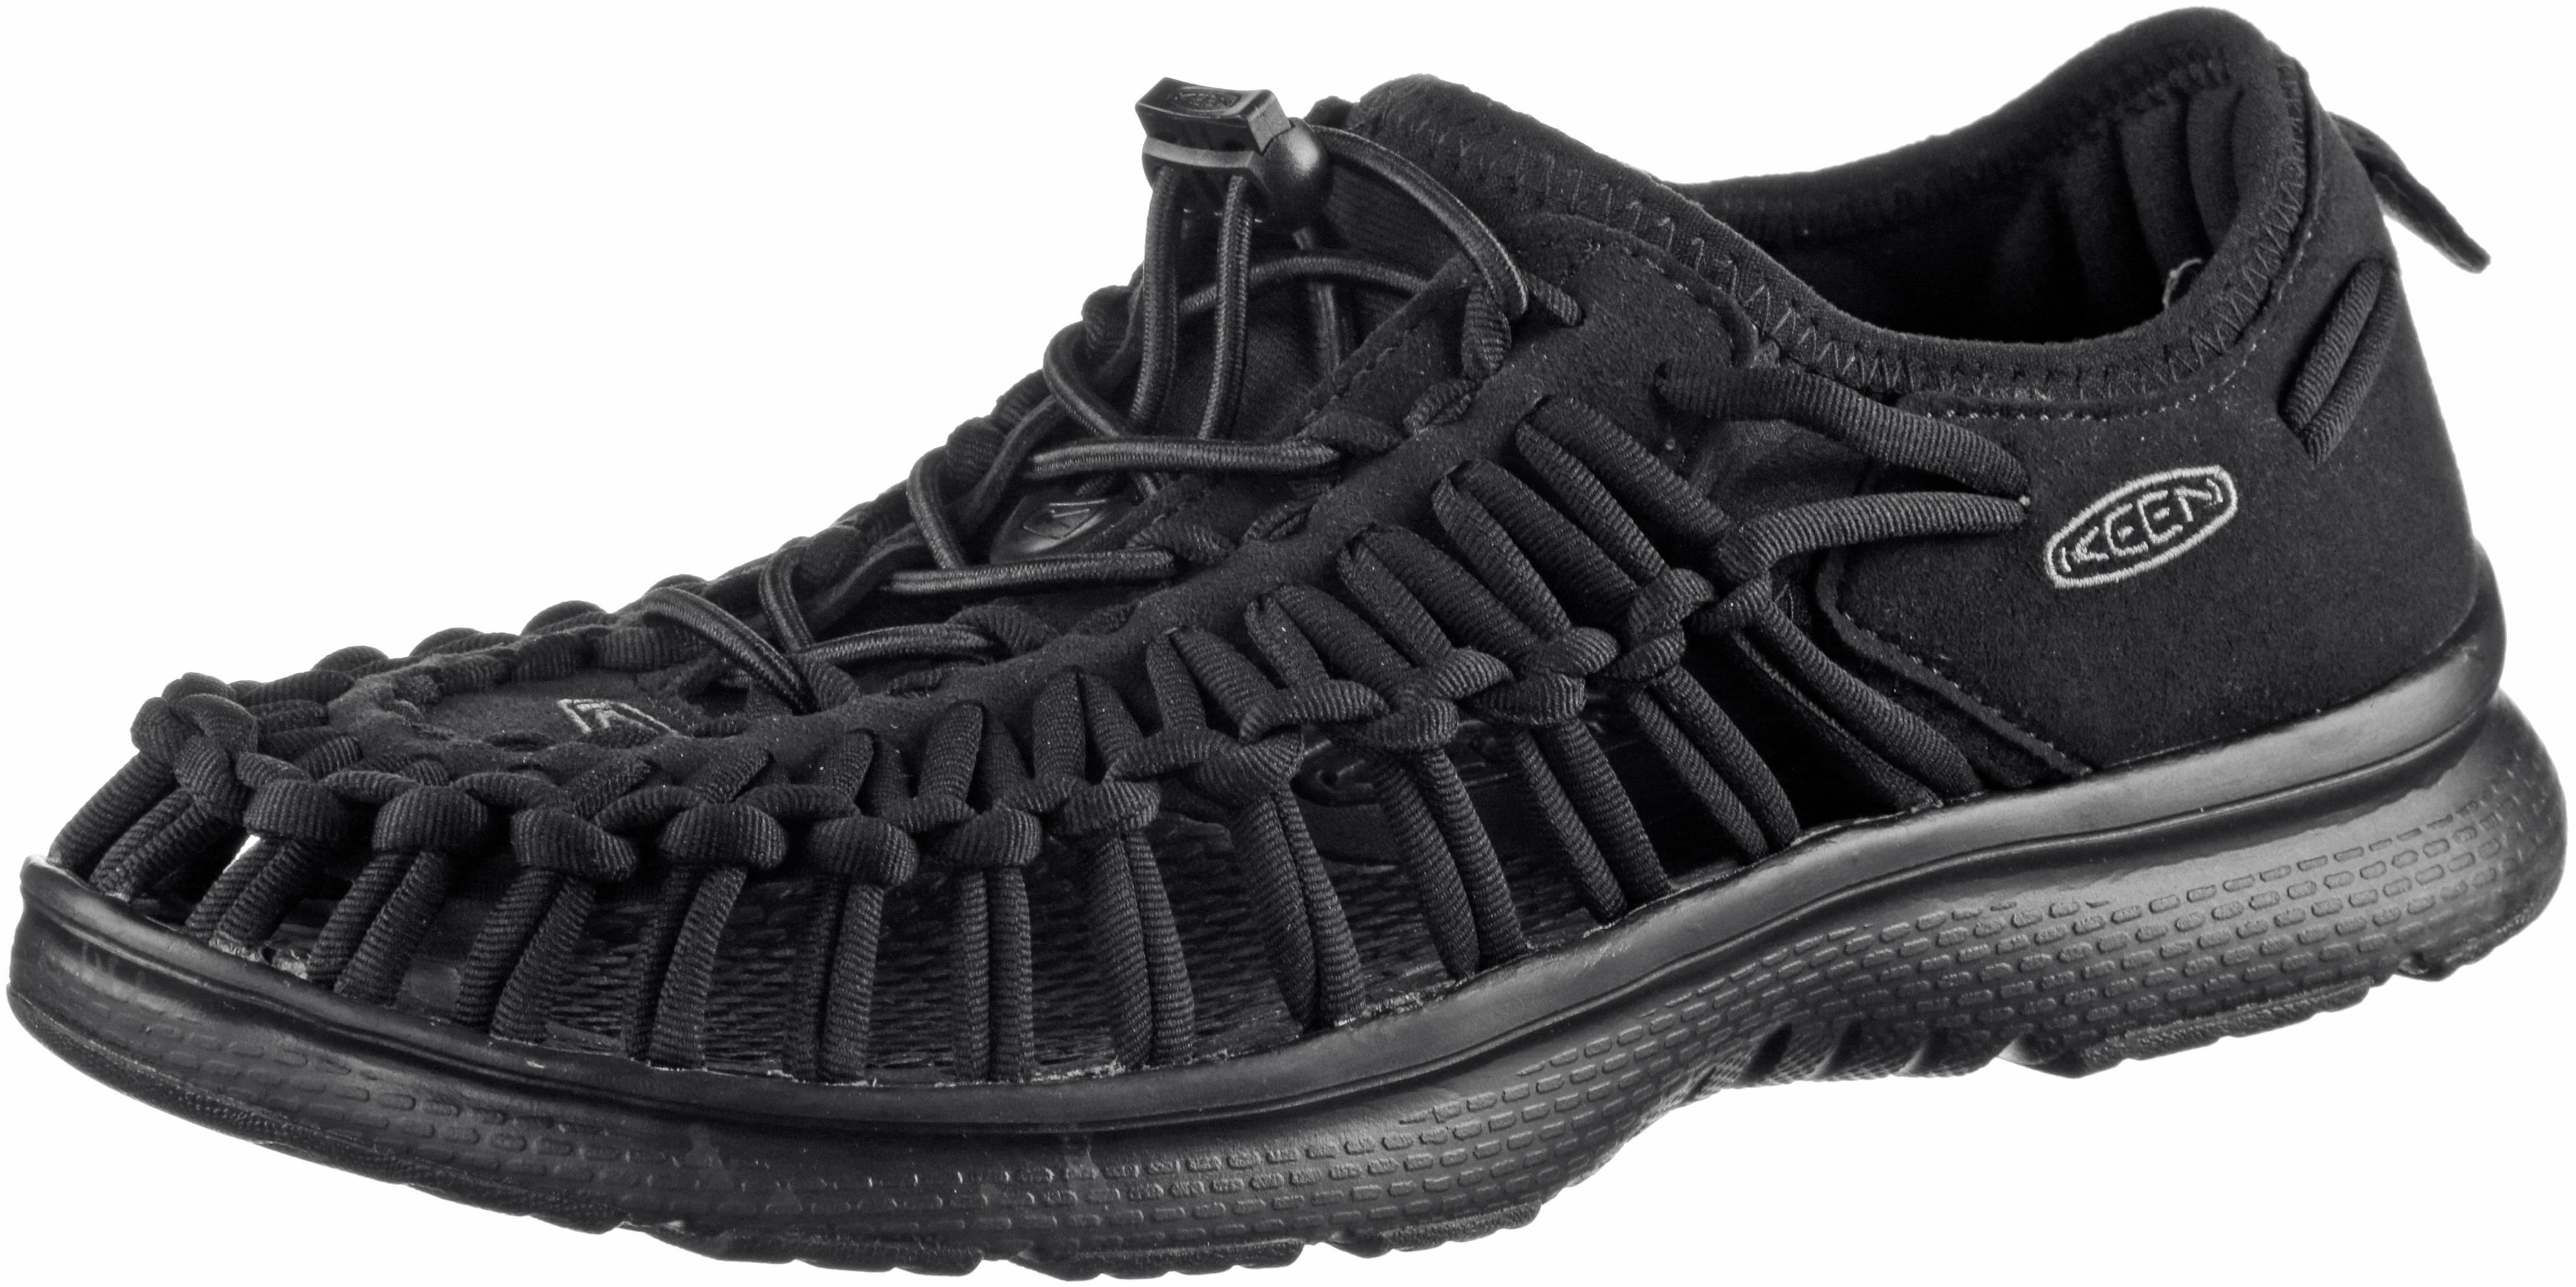 Keen Uneek O2 Outdoorsandalen Damen rot im von Online Shop von im SportScheck kaufen Gute Qualität beliebte Schuhe 888285